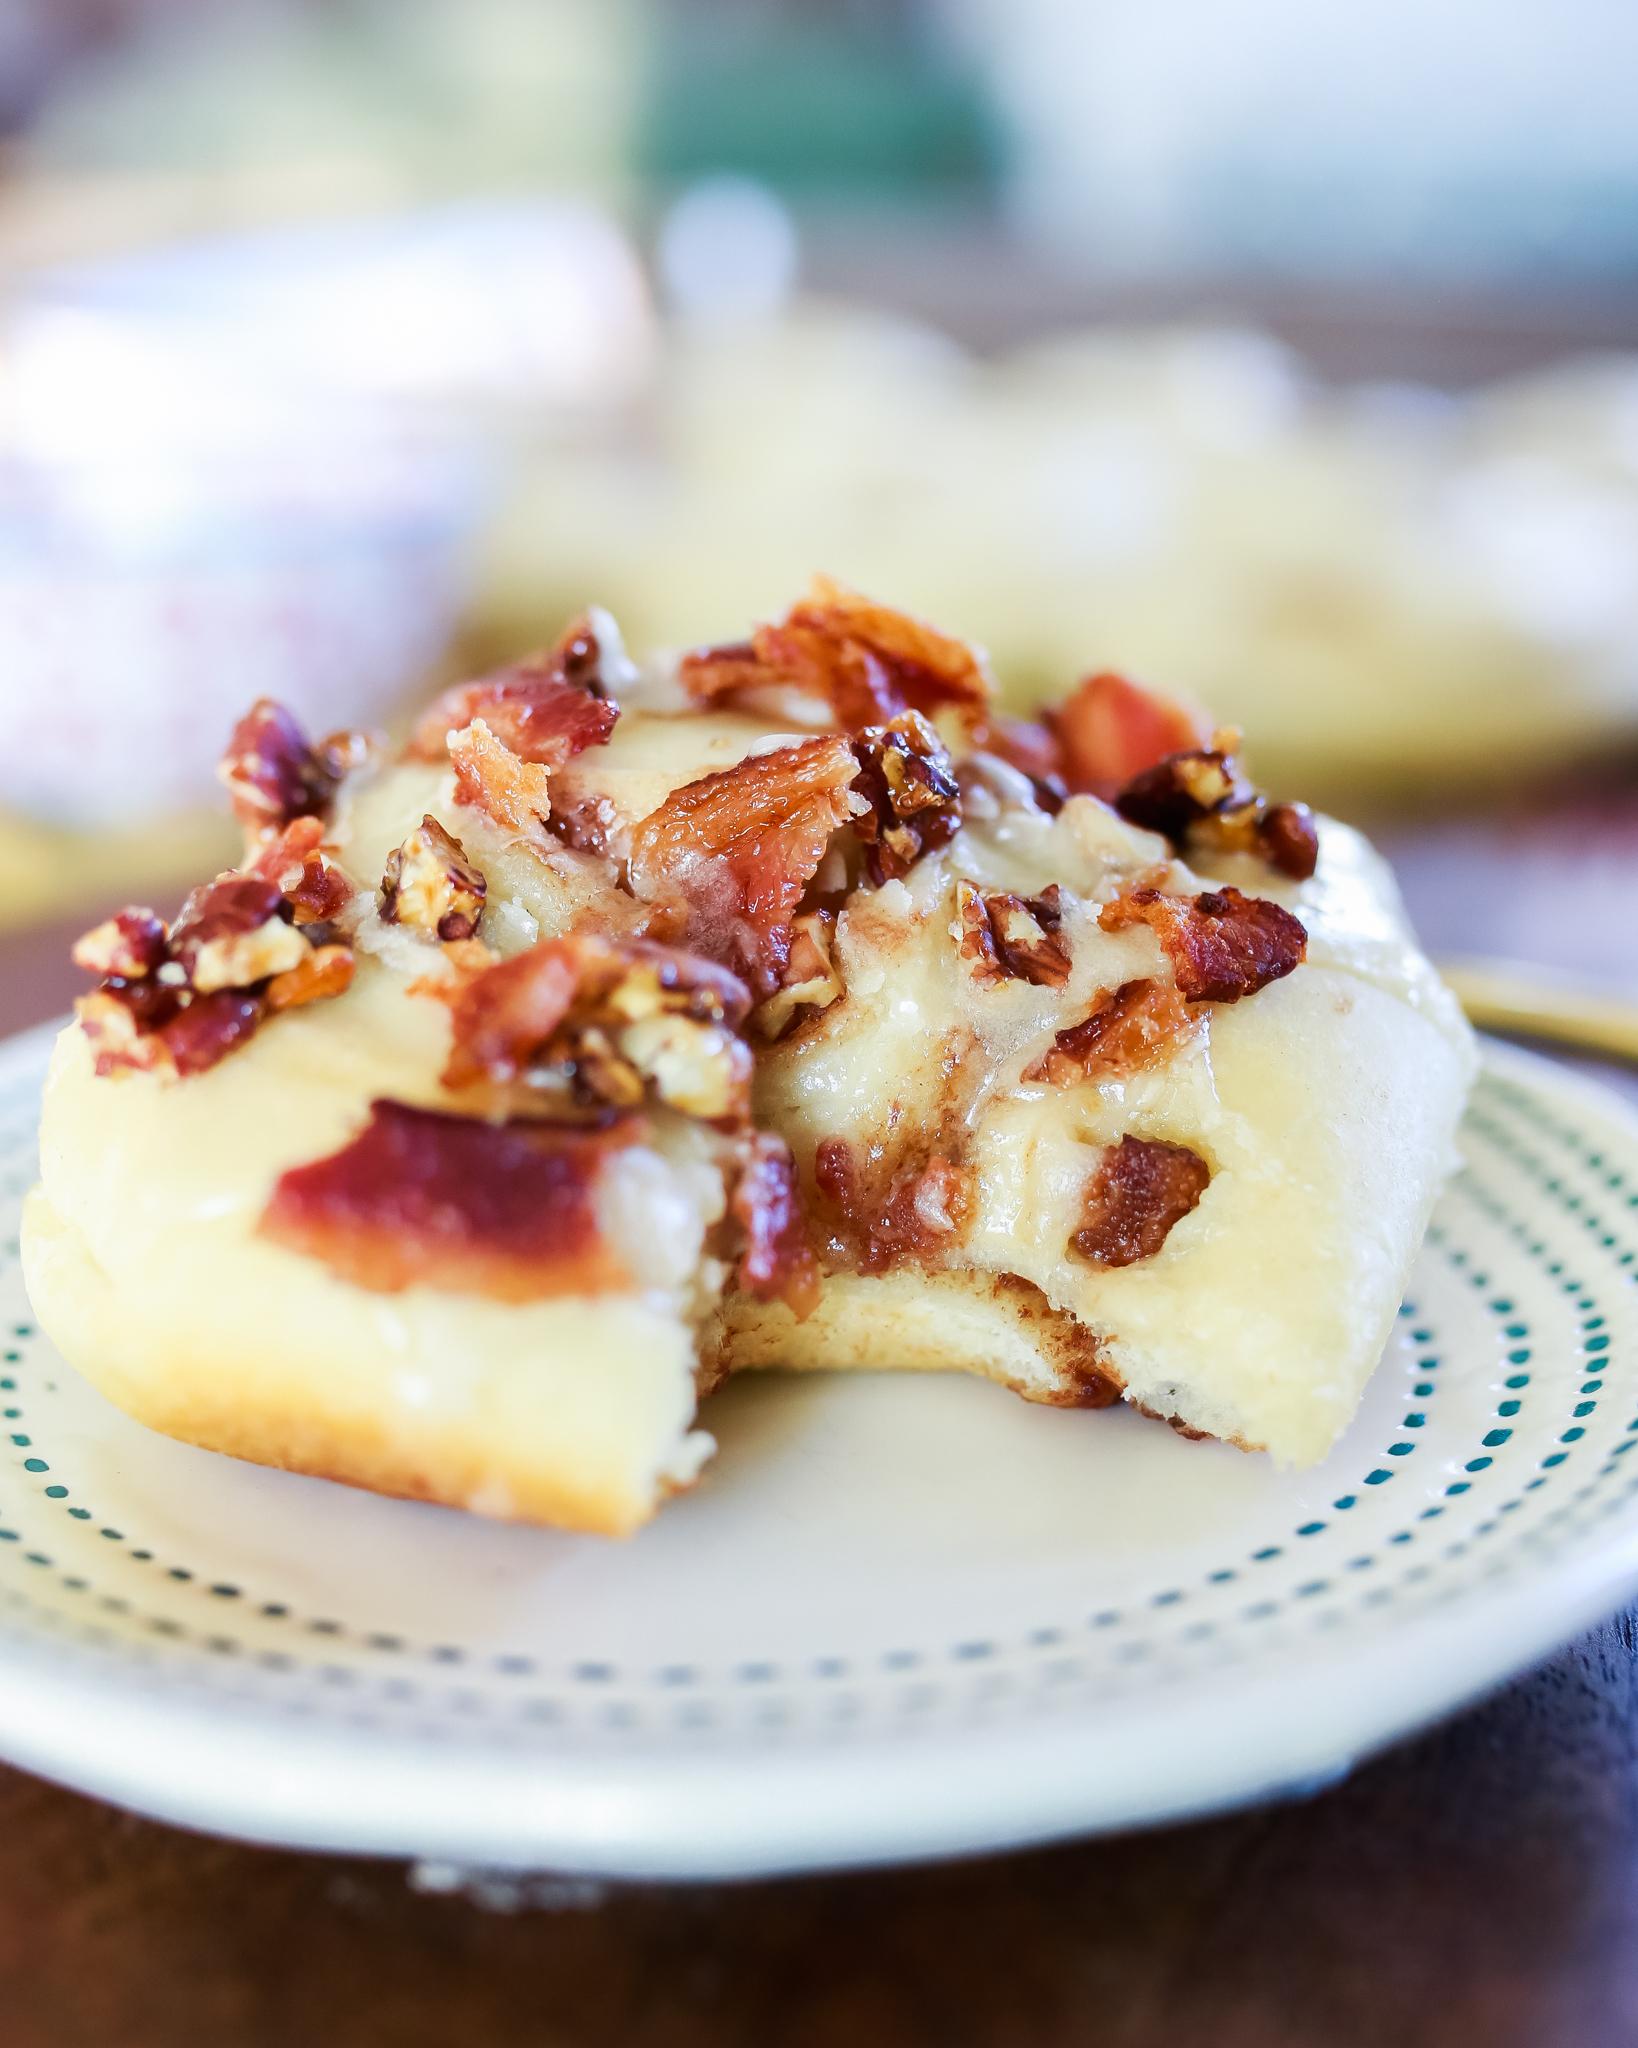 The most divine maple bacon cinnamon rolls recipe!